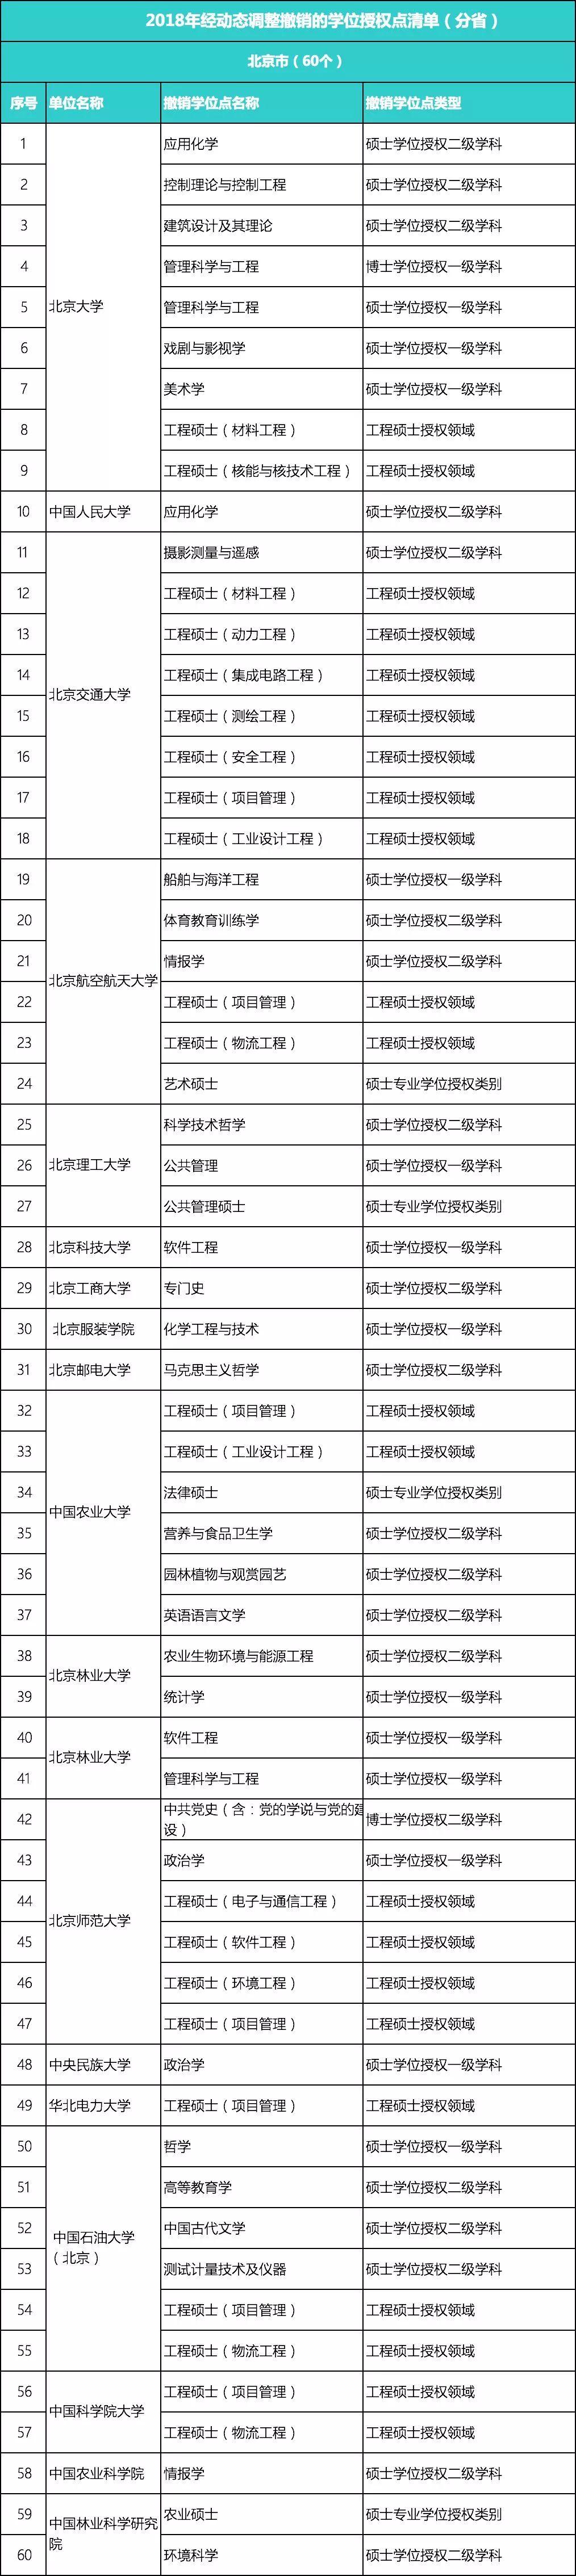 489个学位点被撤销!四川22个,快看哪些专业受影响?